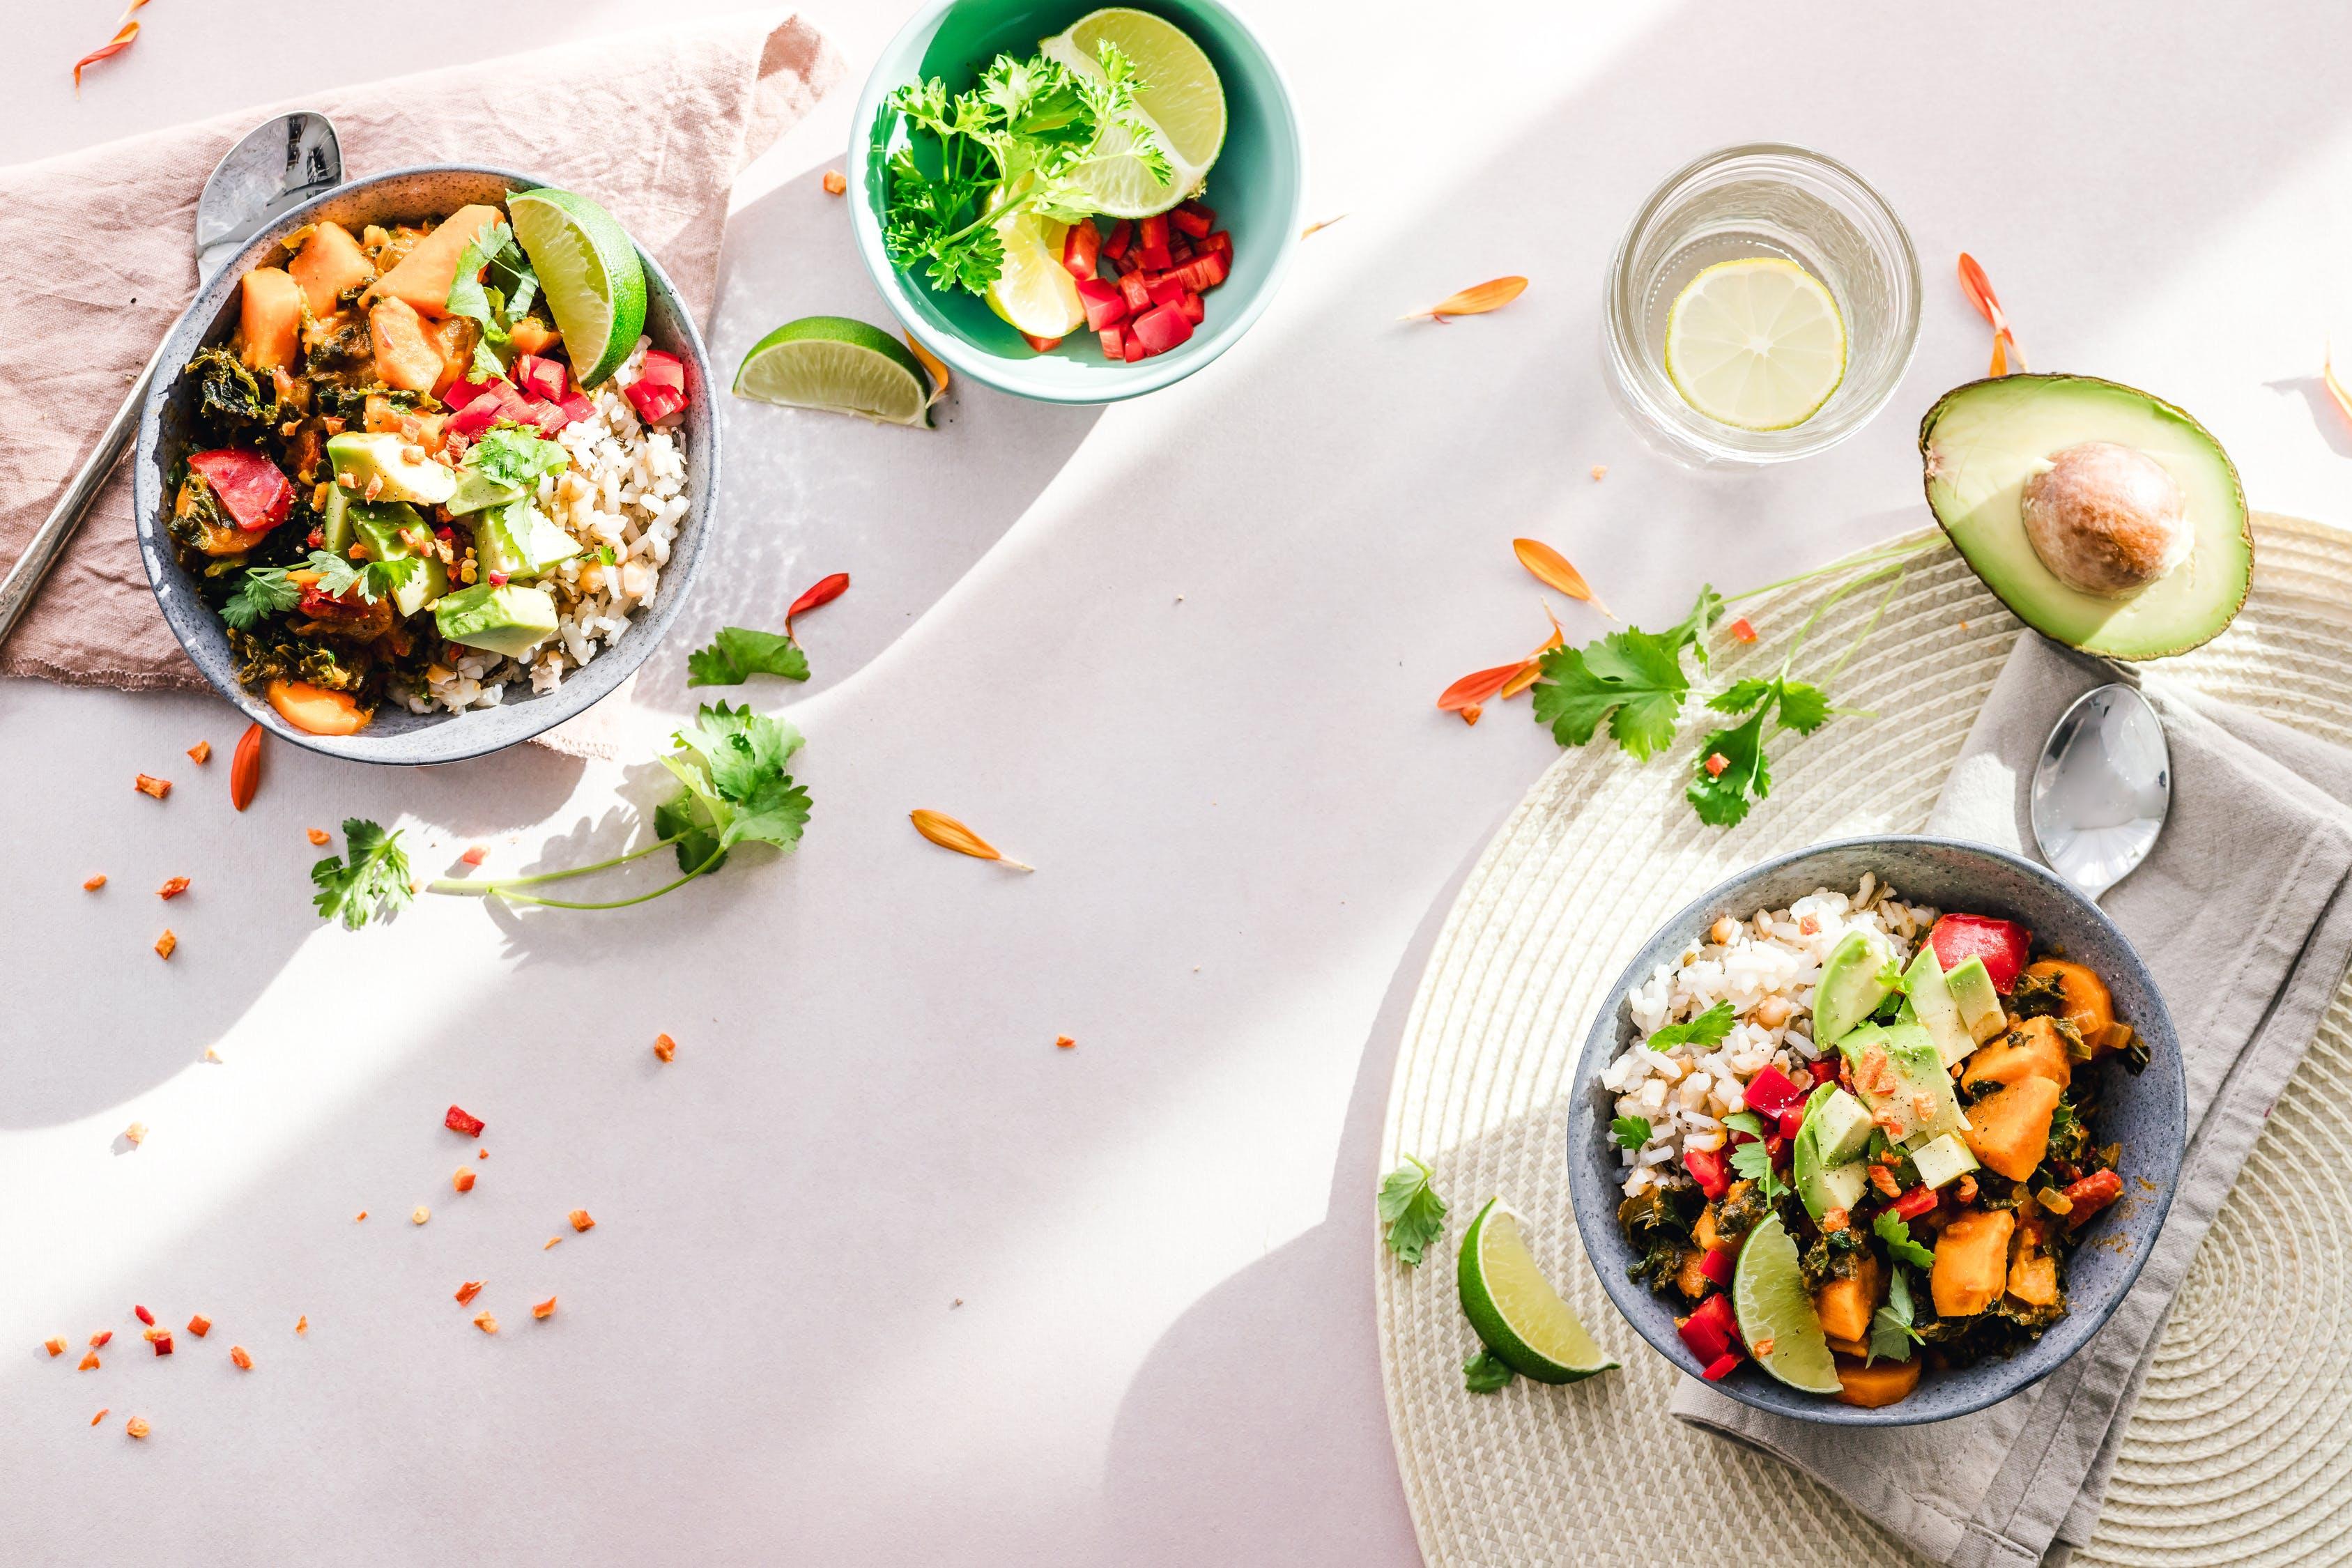 Nietrzymanie moczu adieta. Co jeść izczego zrezygnować?